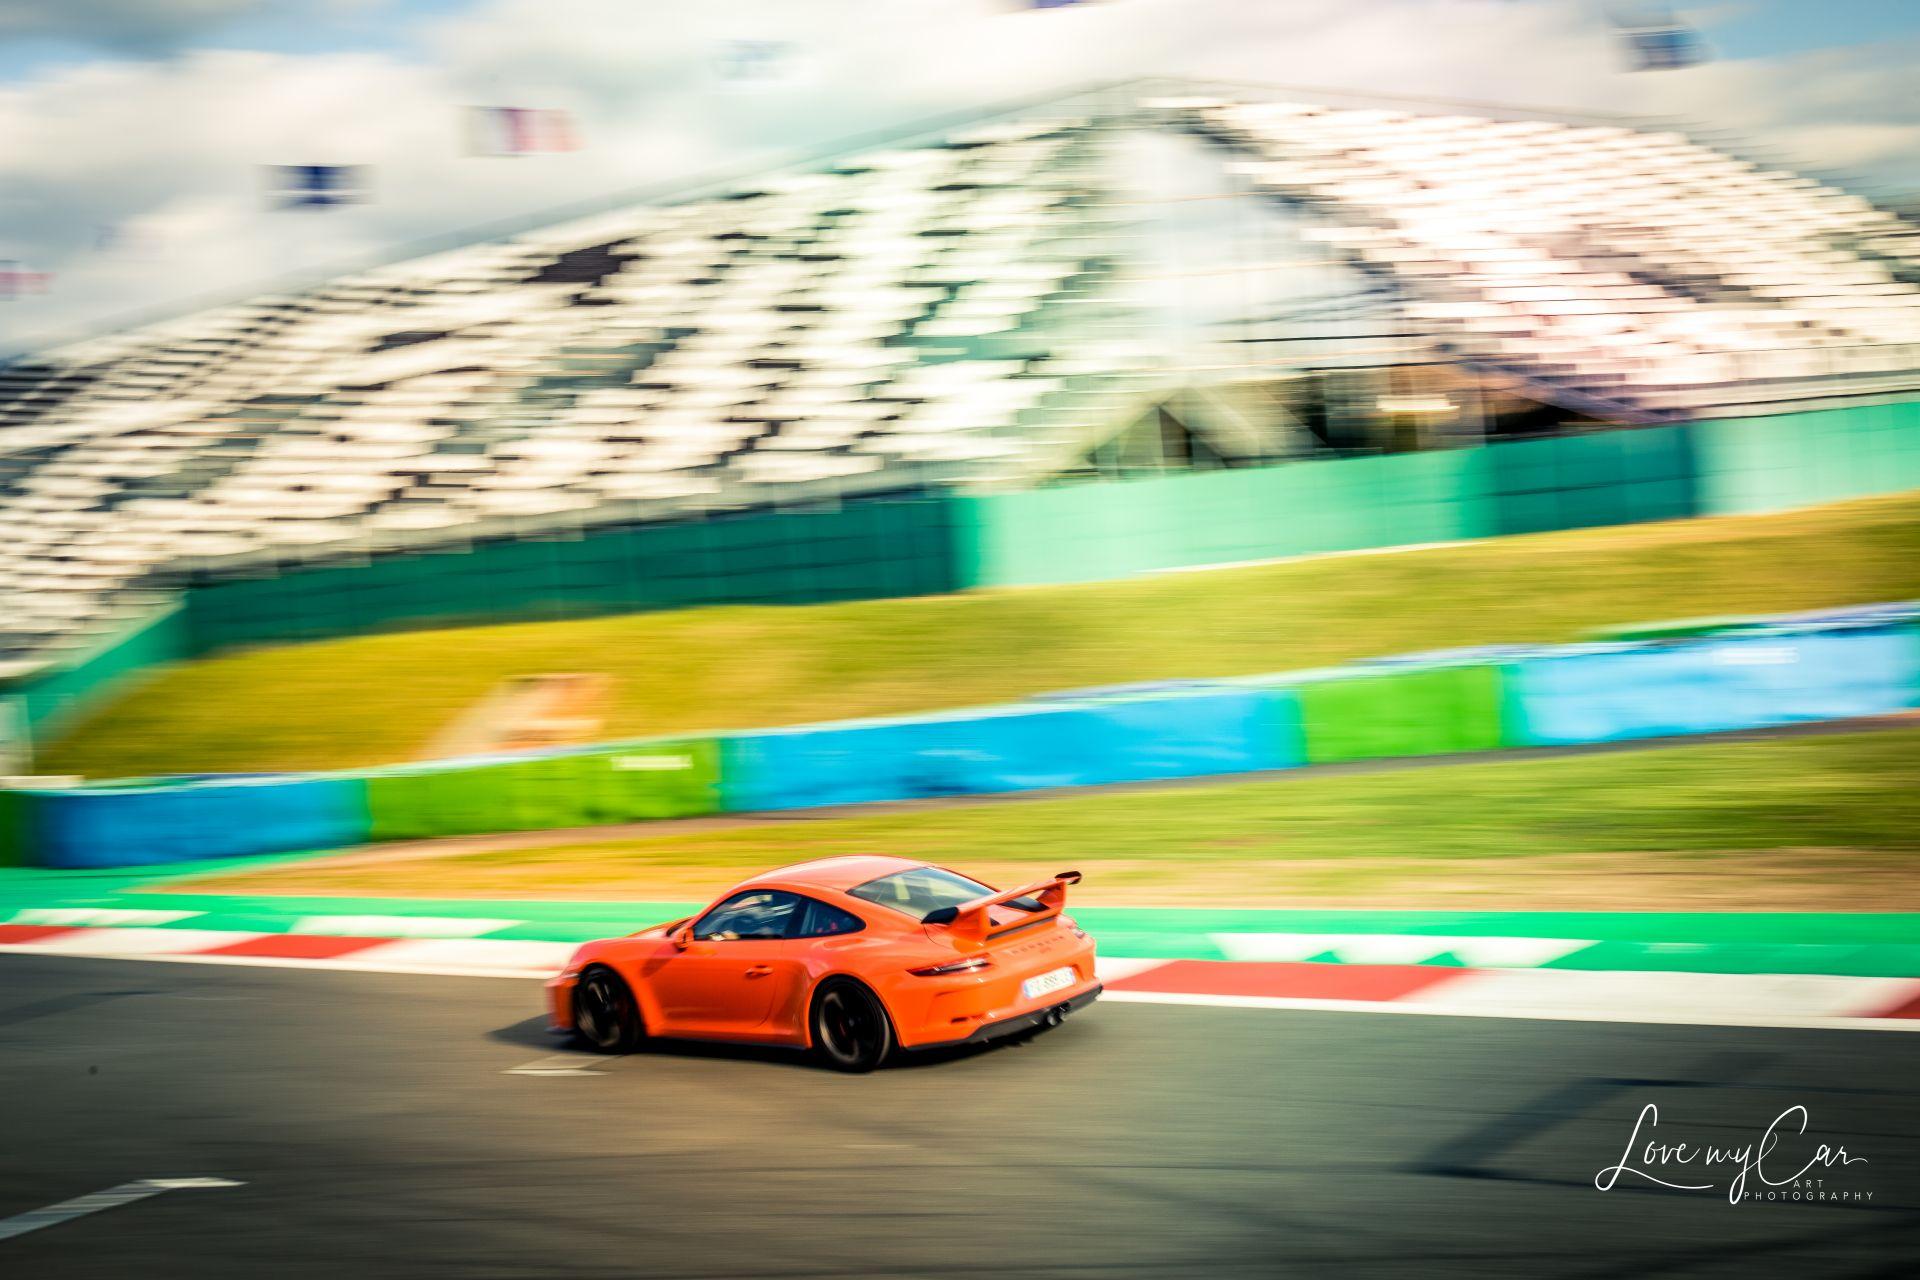 Porsche à pleine vitesse sur circuit - Les photographes de Joomeo - Love My Car